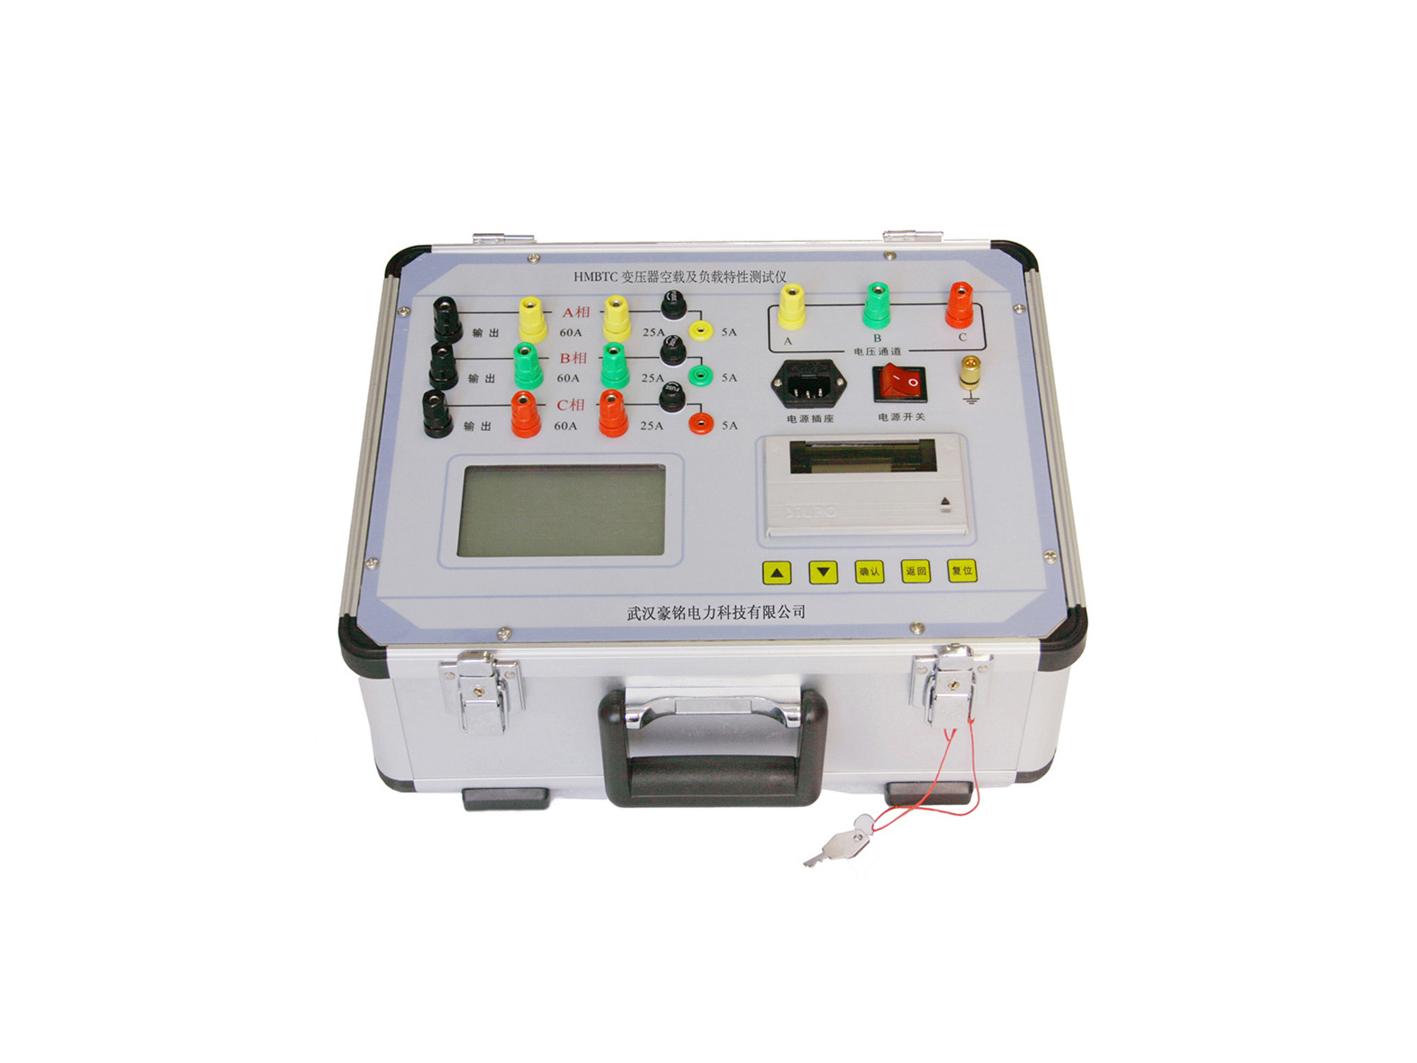 HMBTC變壓器空載及負載特性測試儀